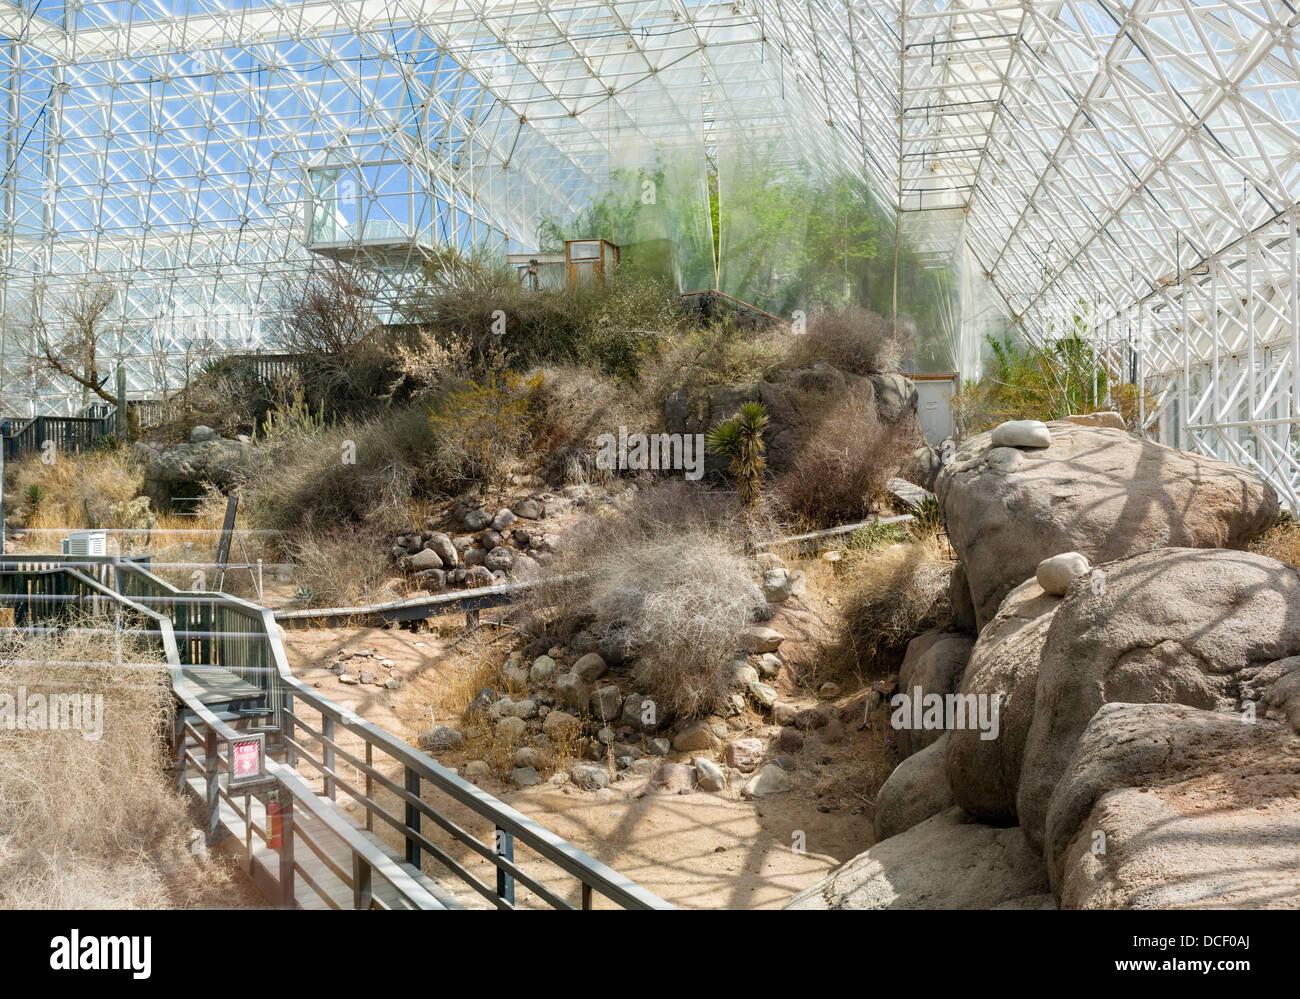 Die Wüste Bereich, Biosphäre 2 Erde Systeme Wissenschaft Forschungseinrichtung an der Universität Stockbild